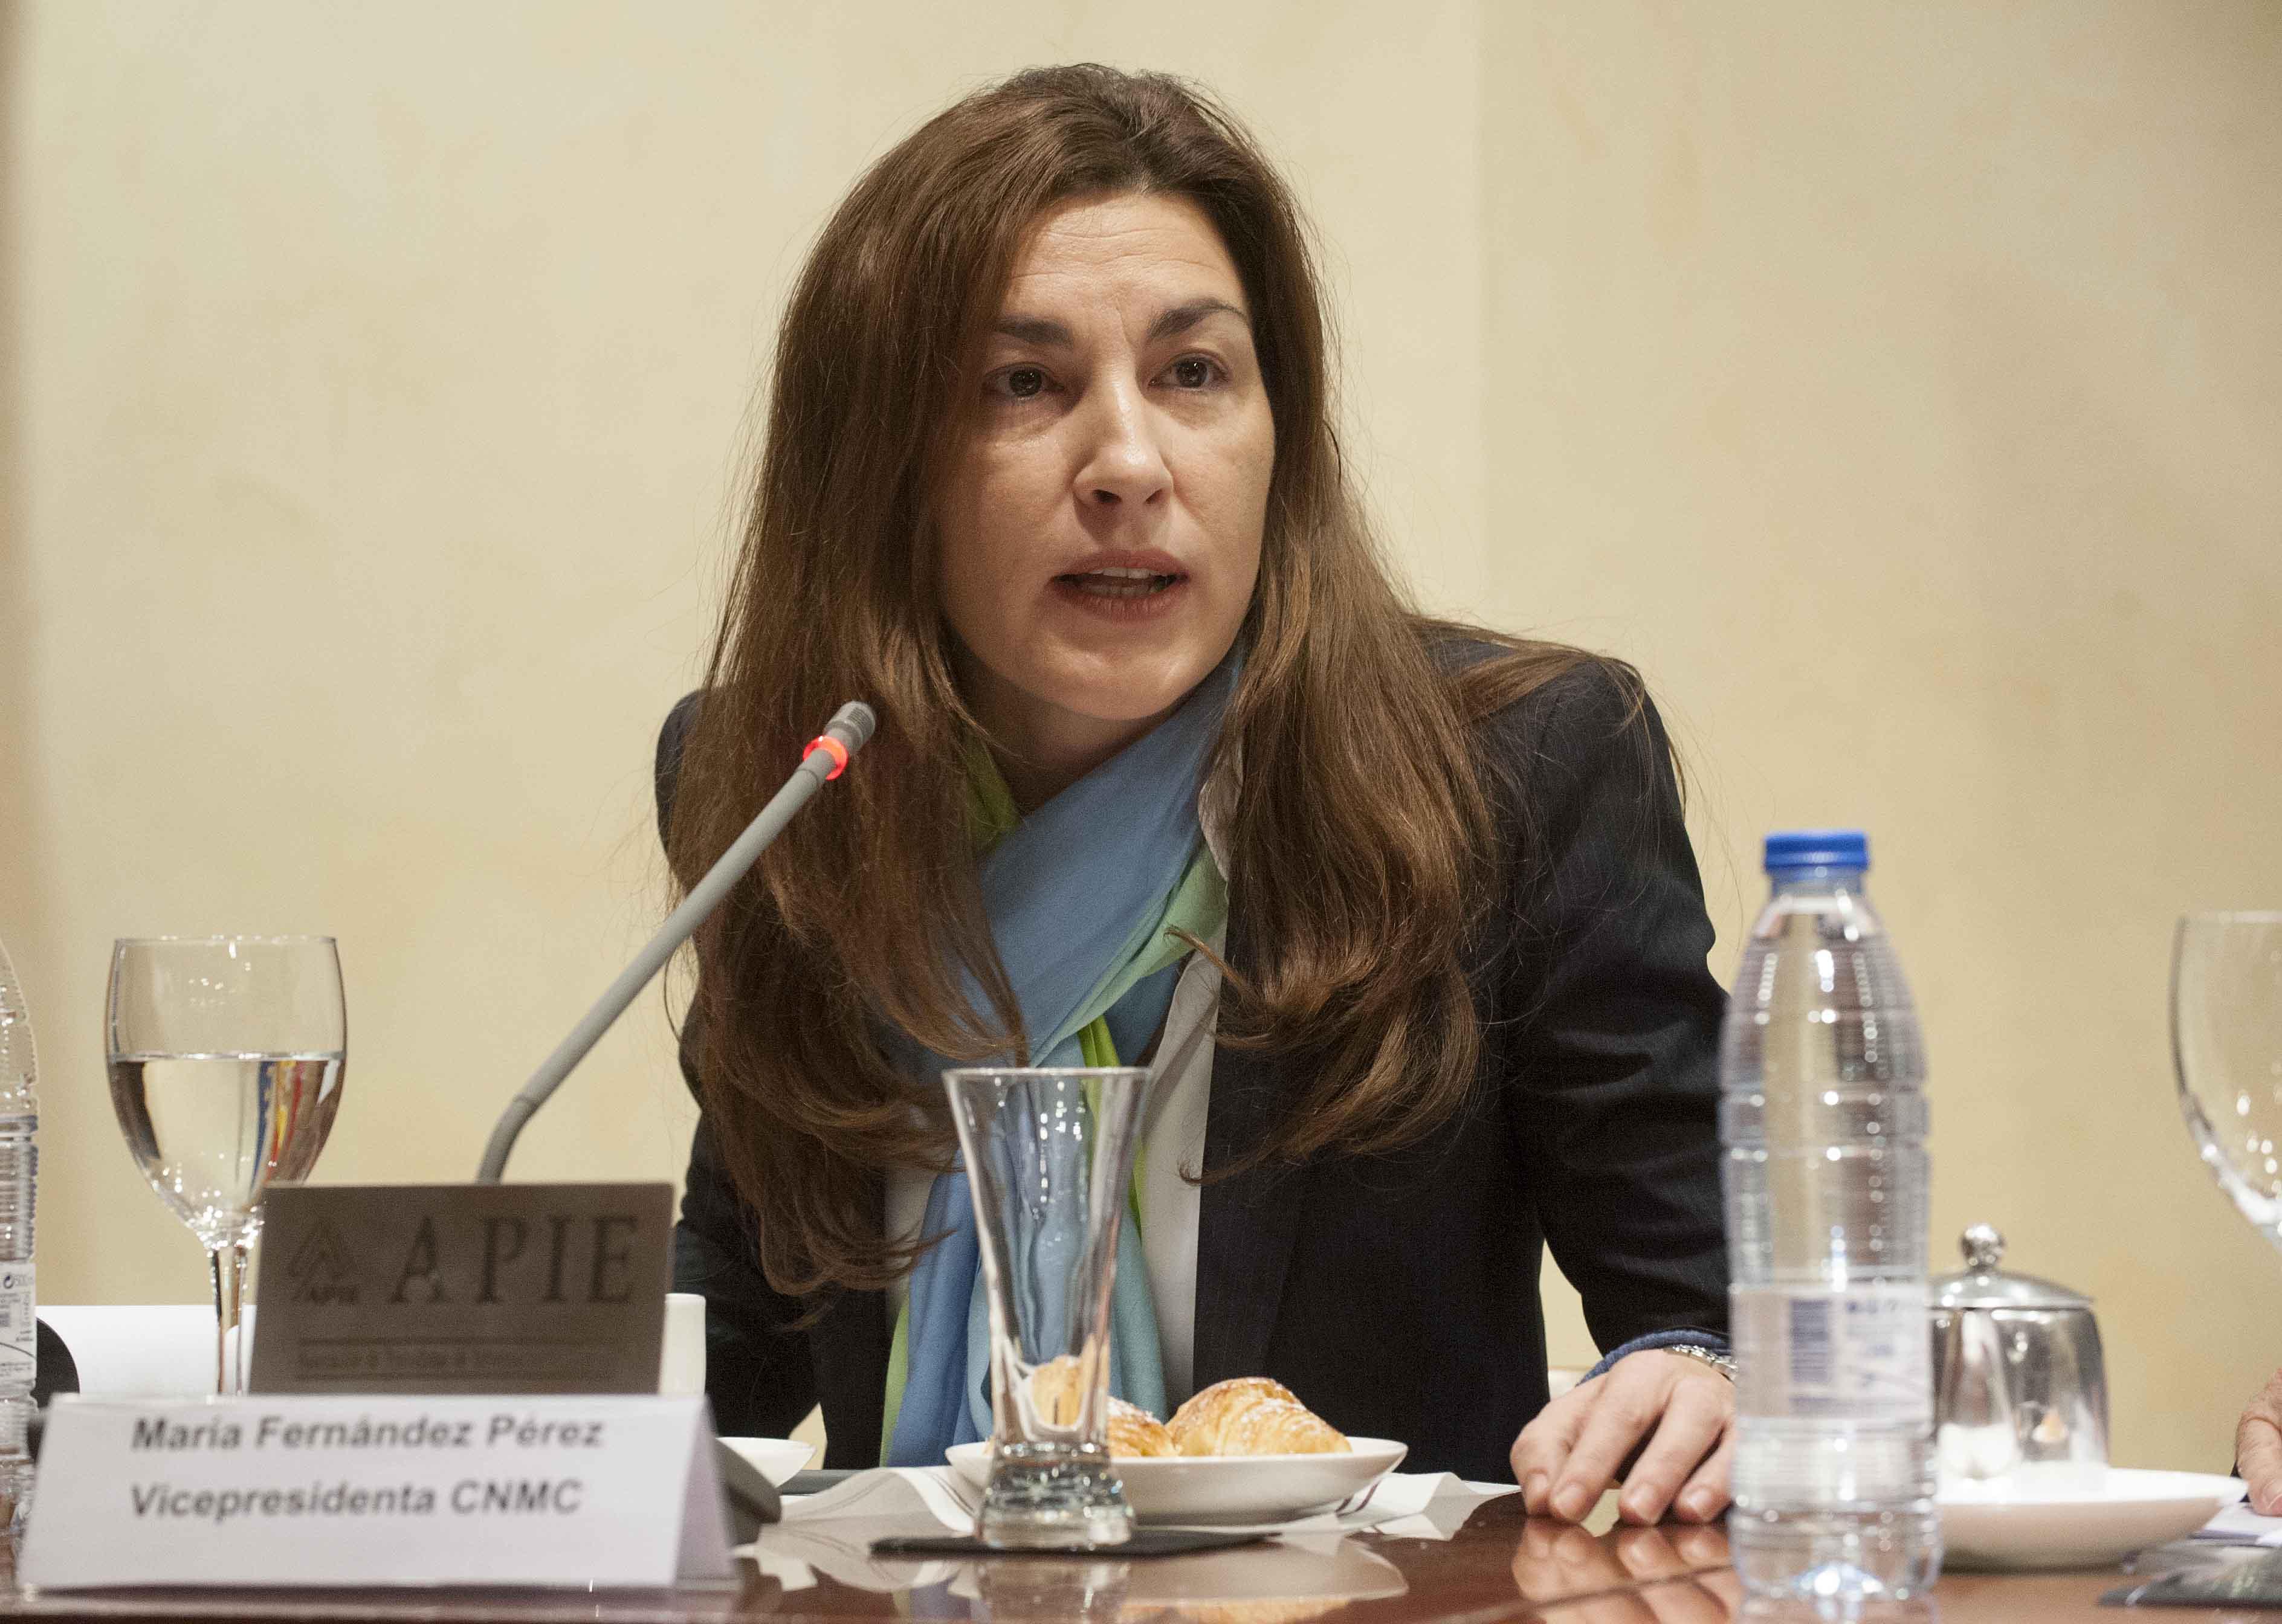 María Fernández Pérez, Vicepresidenta de la CNMC, durante el desayuno de prensa organizado por APIE.